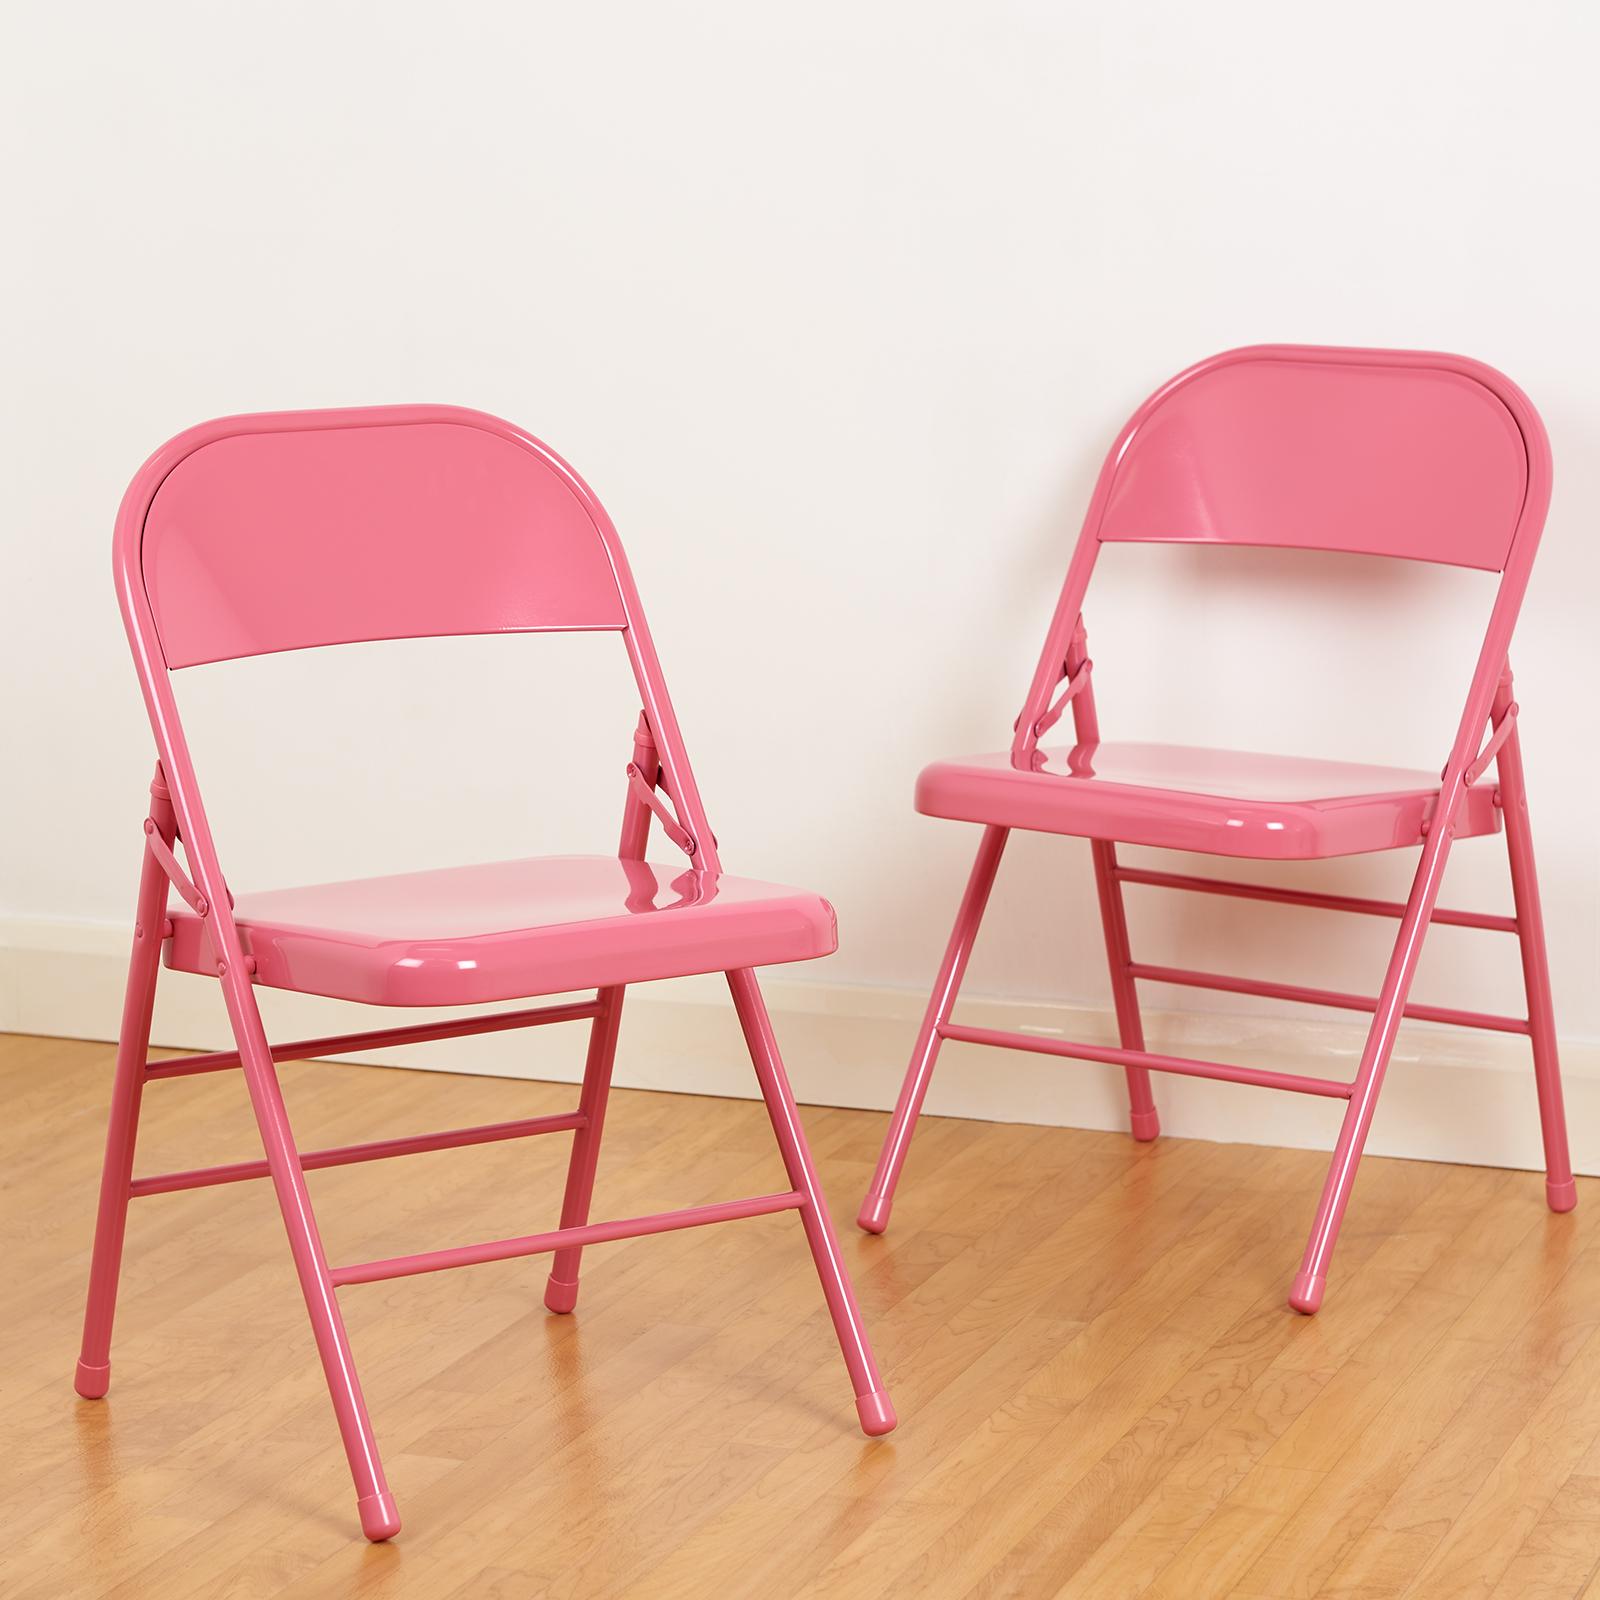 Sedie Pieghevoli Offerte Milano.Dettagli Su Roost Set Di 2 Sedie Pieghevoli Sedile Sedia Pieghevole Design In Metallo Rosa